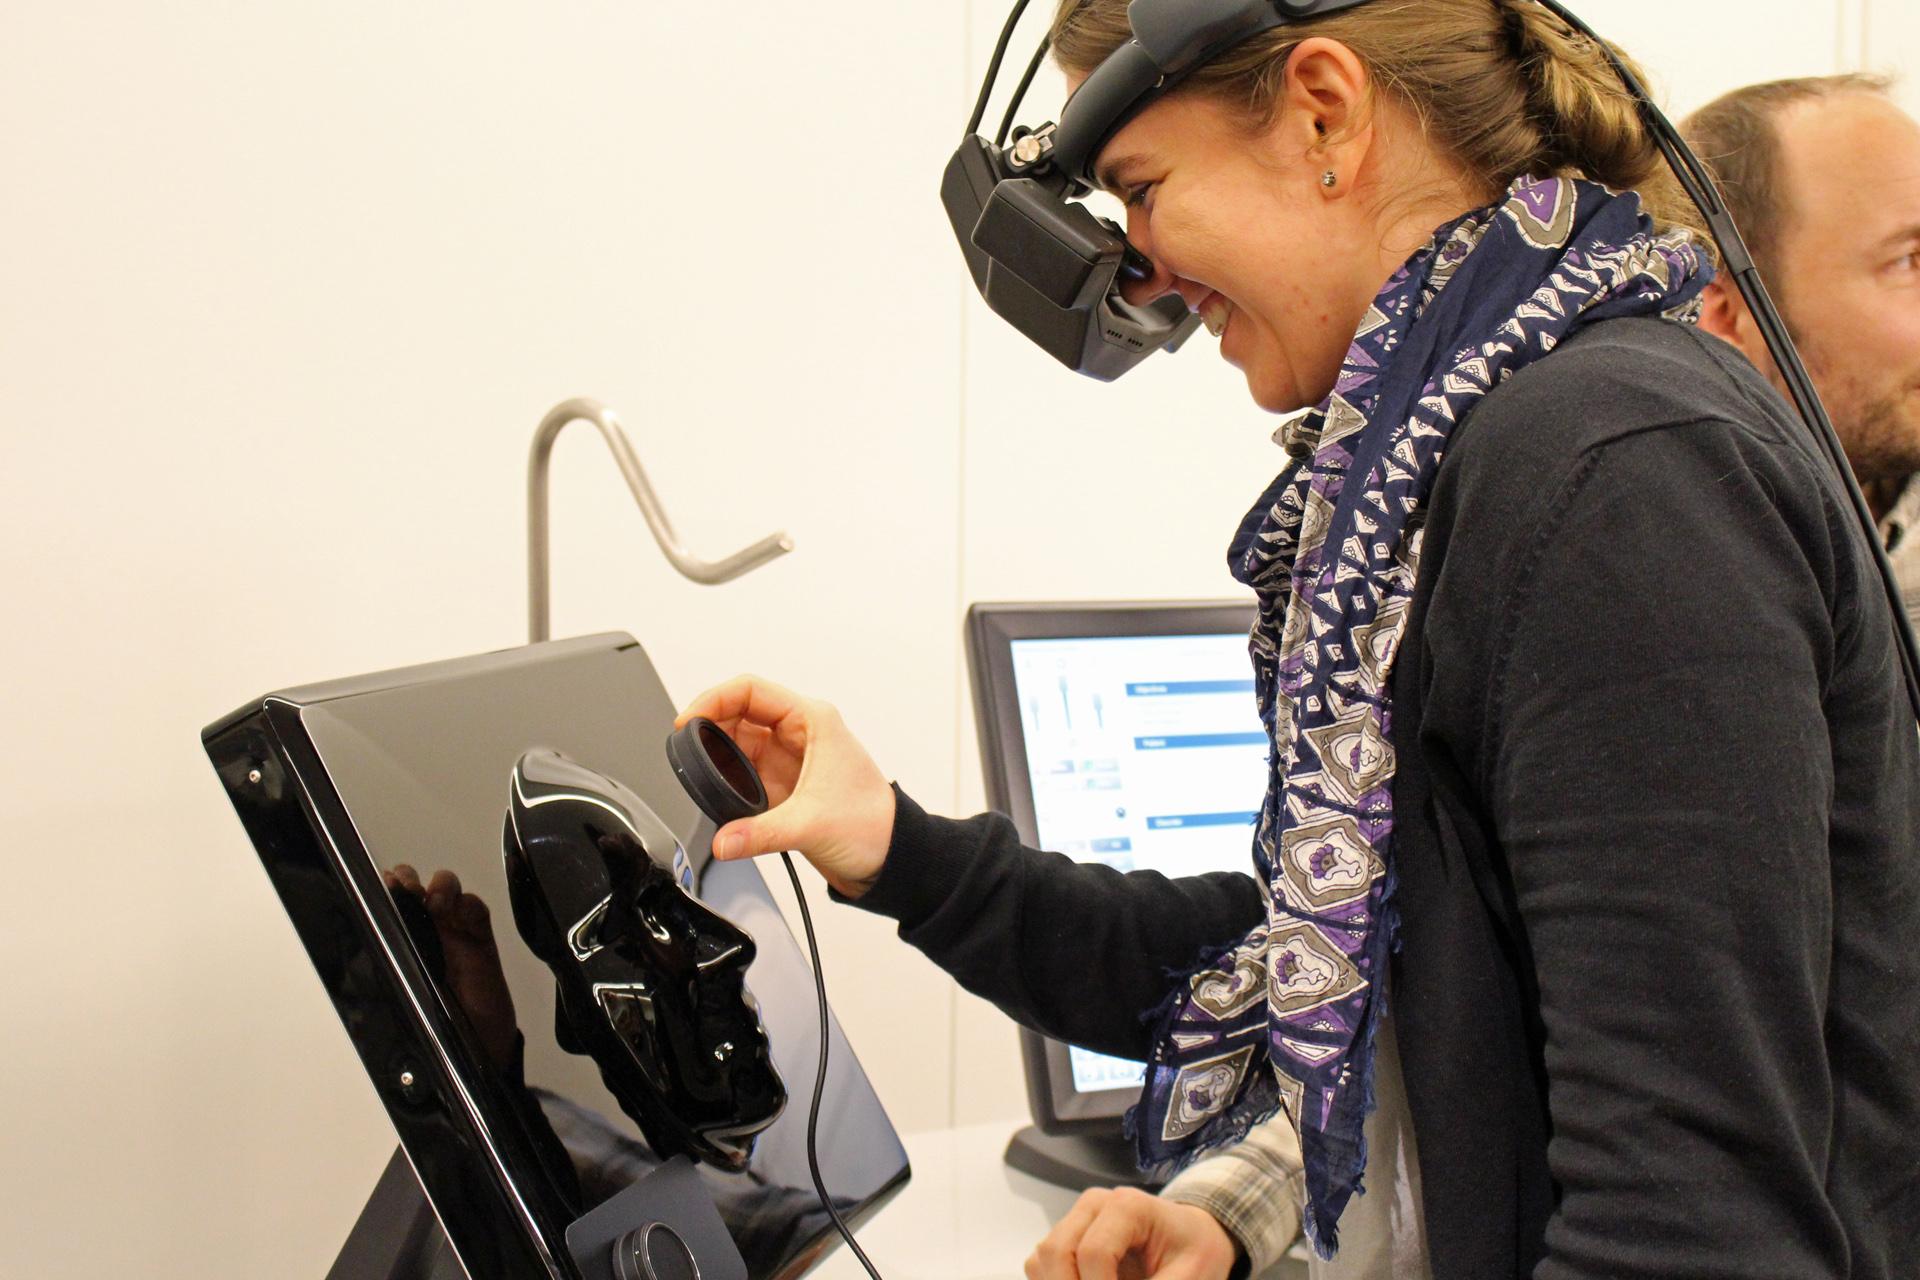 Frau hat eine Hightech-Brille an und einem kleinen Sensor in der Hand, den sie über einem Plastikkopf hält.